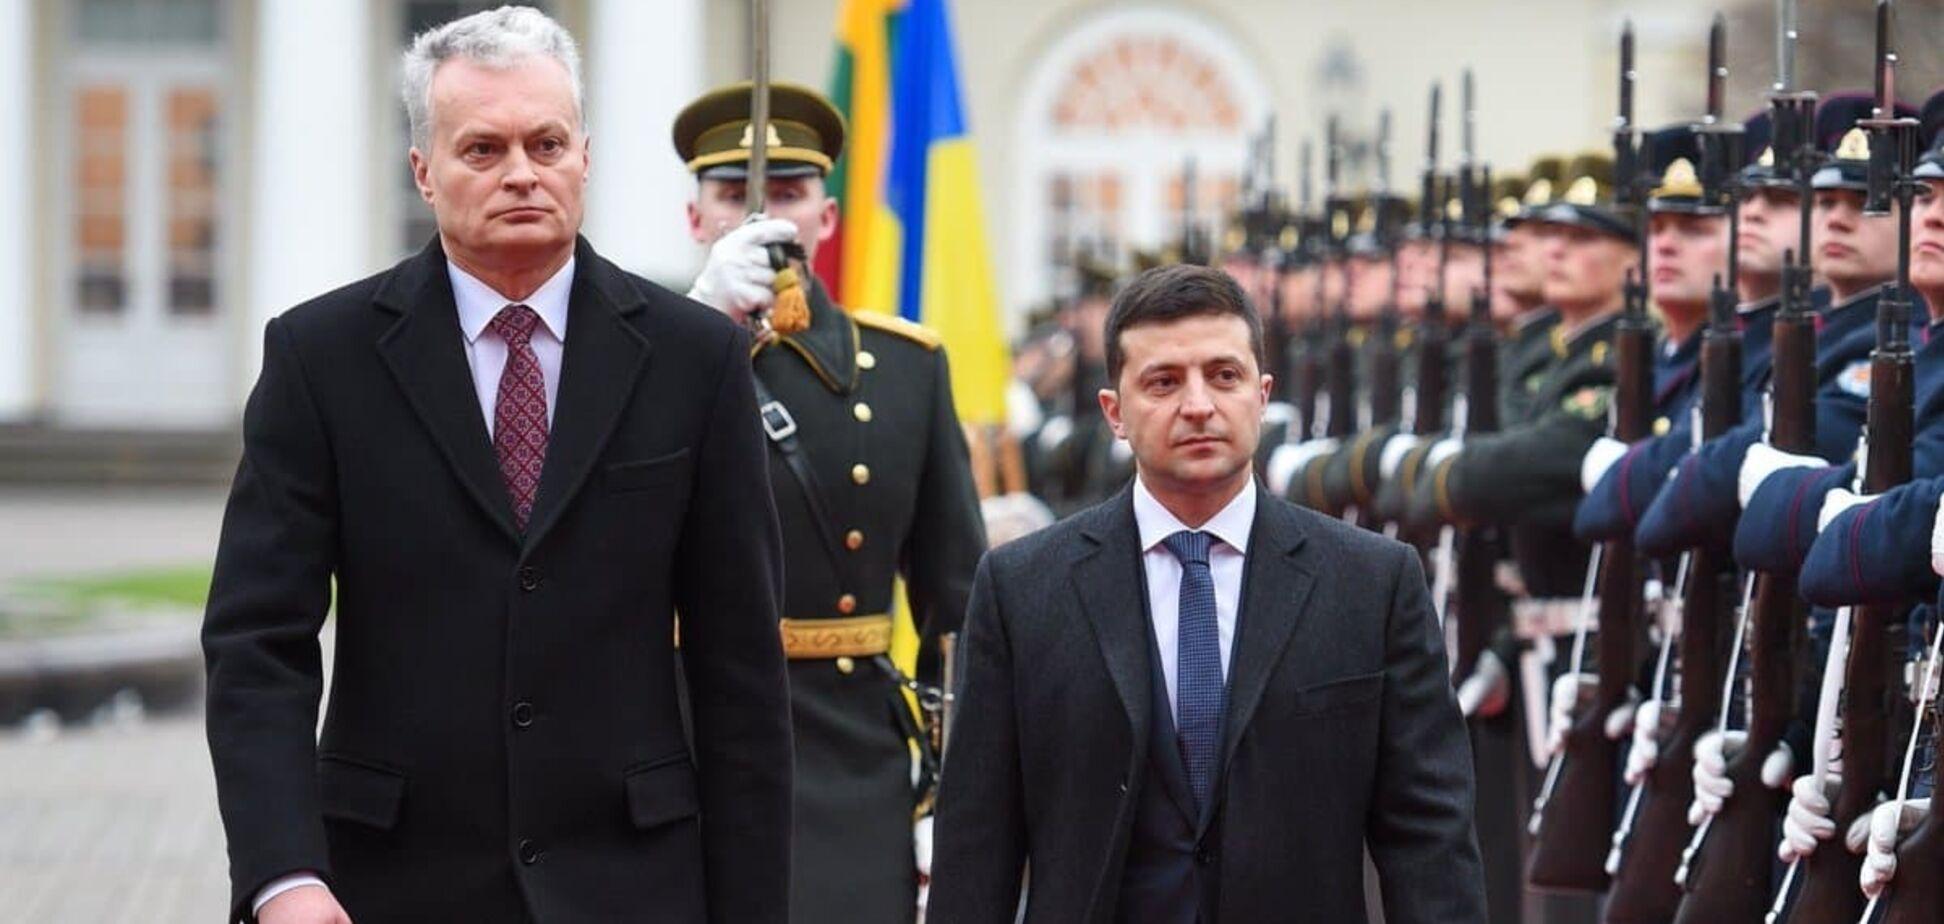 Президент Литвы Гитанас Науседа призвал Владимира Зеленского идти дорогой Порошенко в ЕС и НАТО